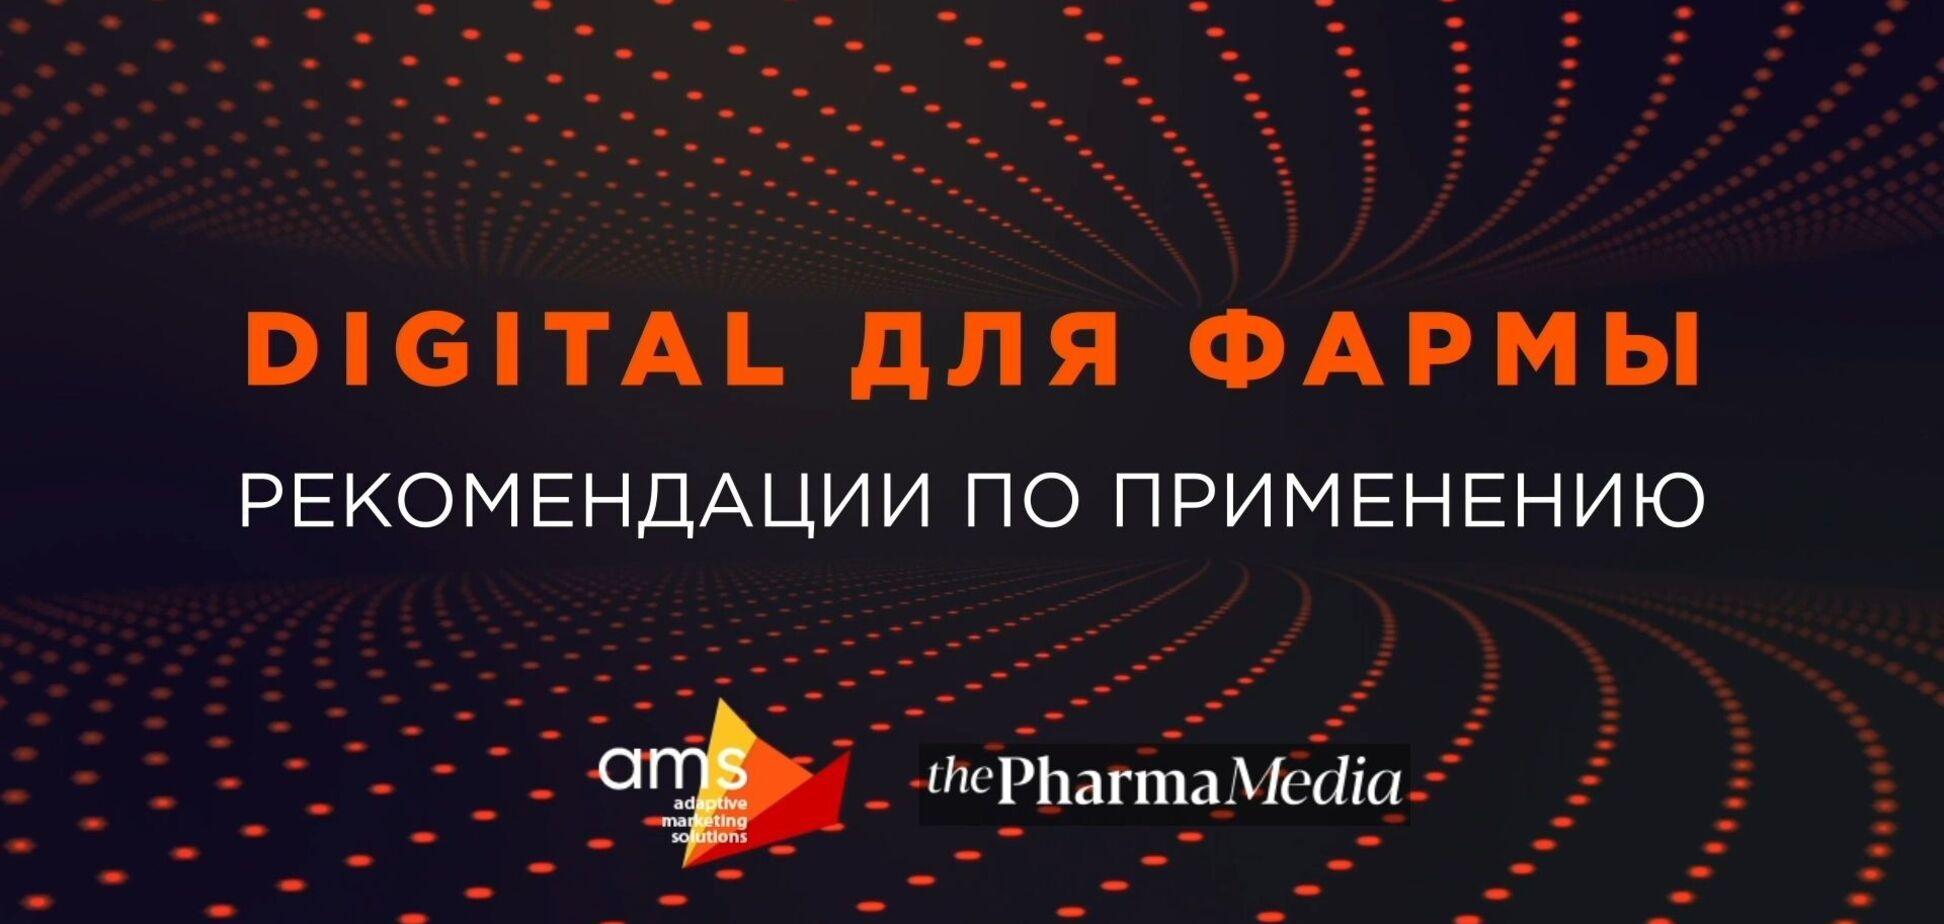 AMS agency показали, як просувати продукцію фармкомпаній за допомогою digital